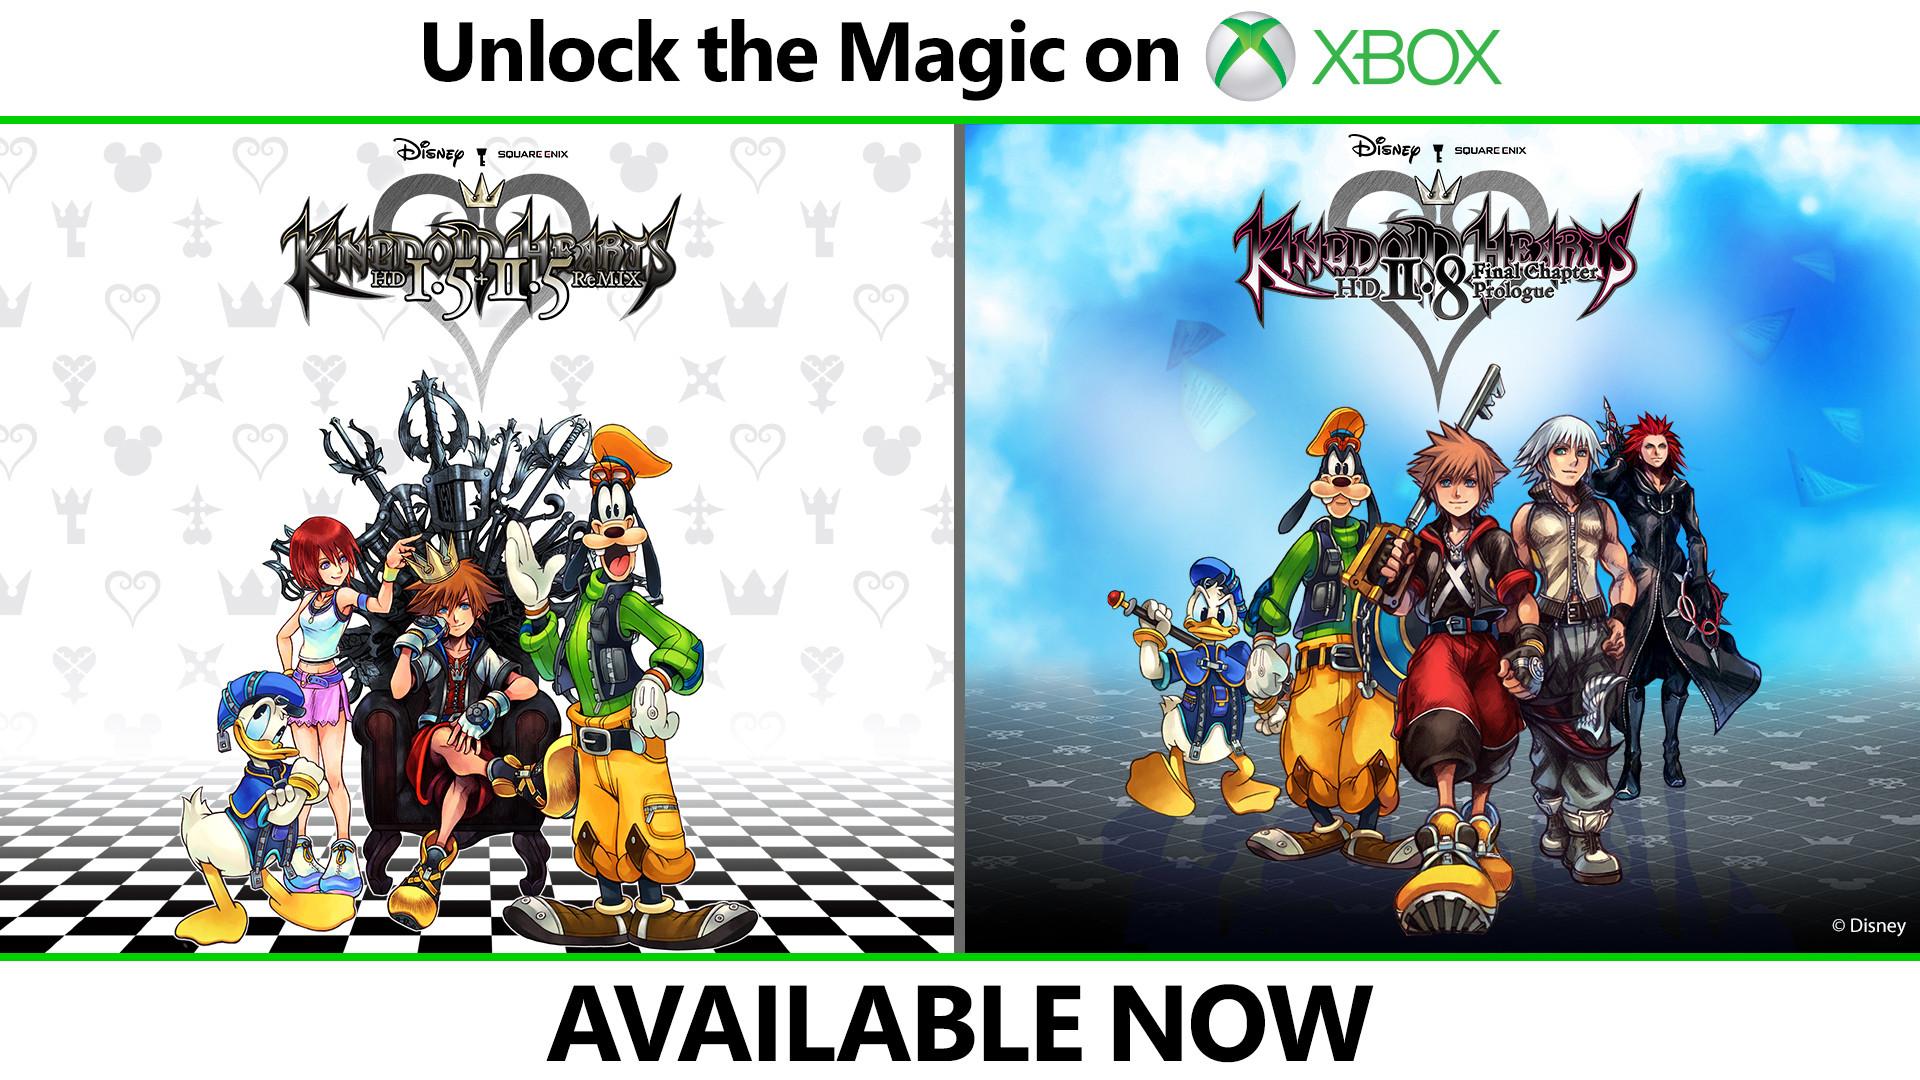 Состоялся релиз сборников Kingdom Hearts HD 1.5 + 2.5 ReMIX и Kingdom Hearts HD 2.8